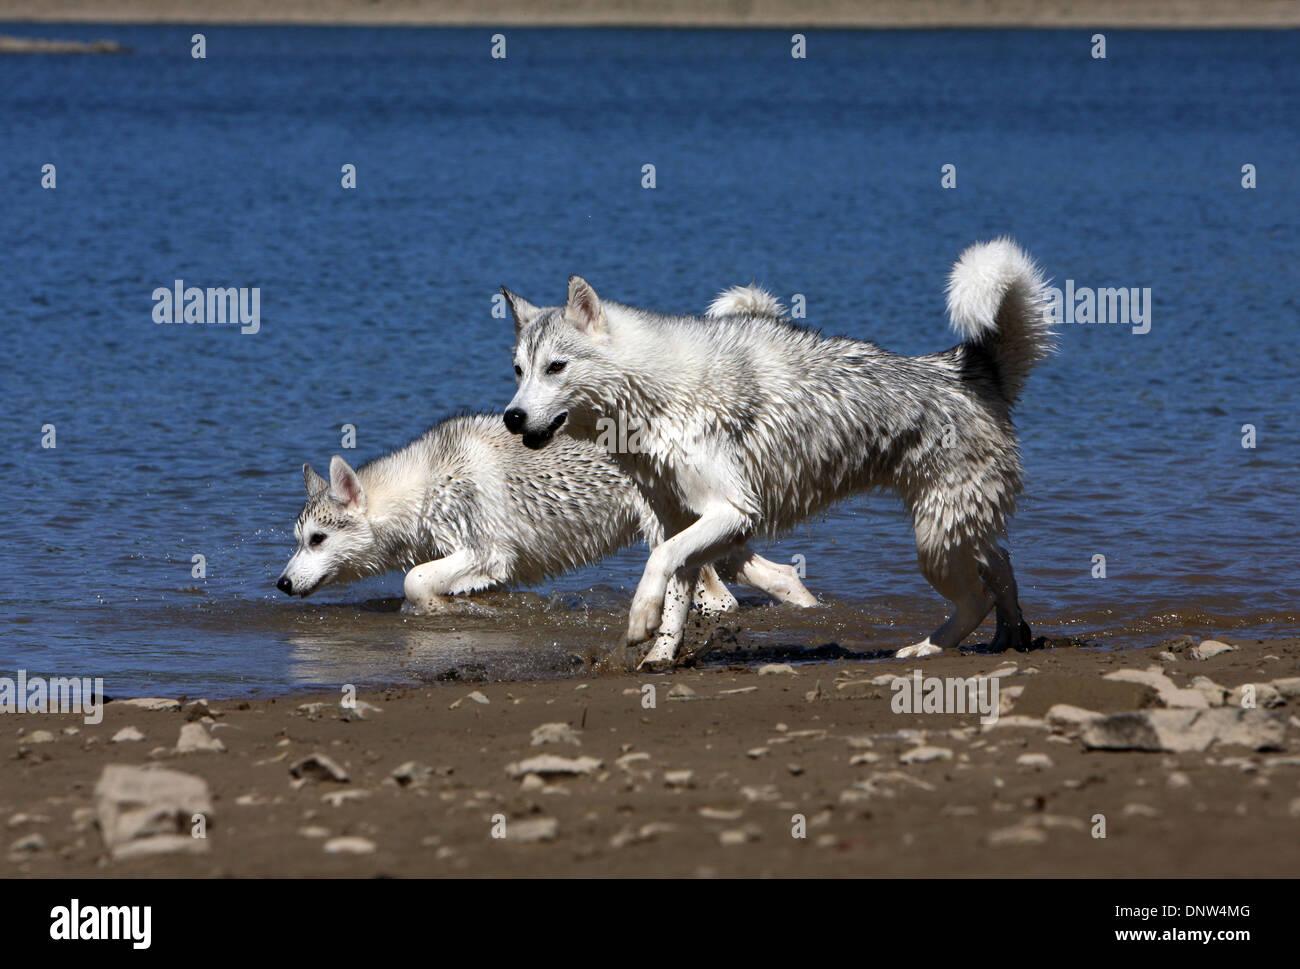 couple running dog lake stock photos & couple running dog lake stock